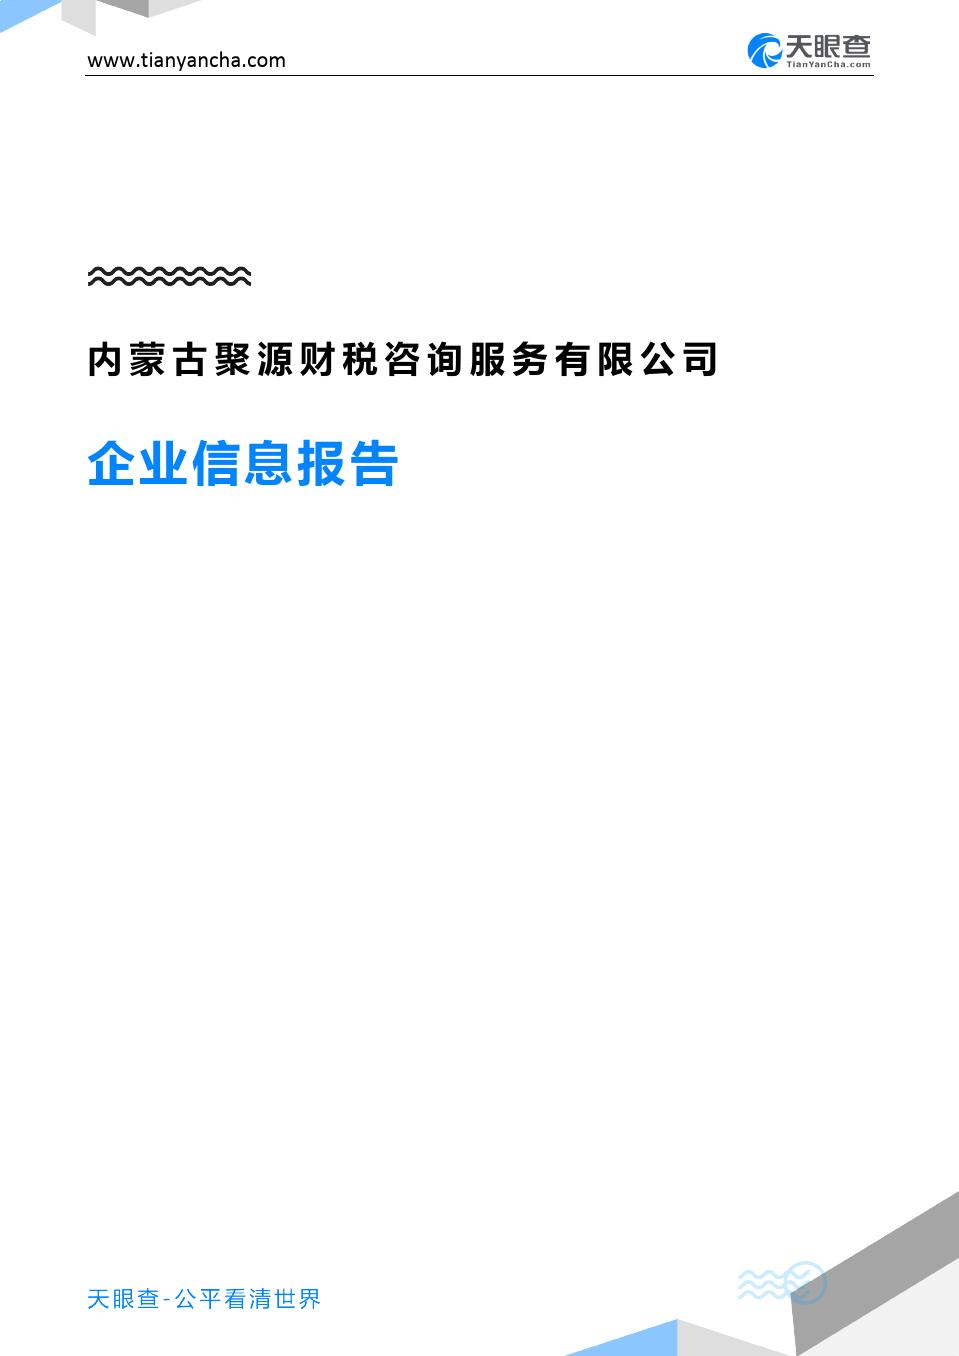 内蒙古聚源财税咨询服务有限公司企业信息报告-天眼查